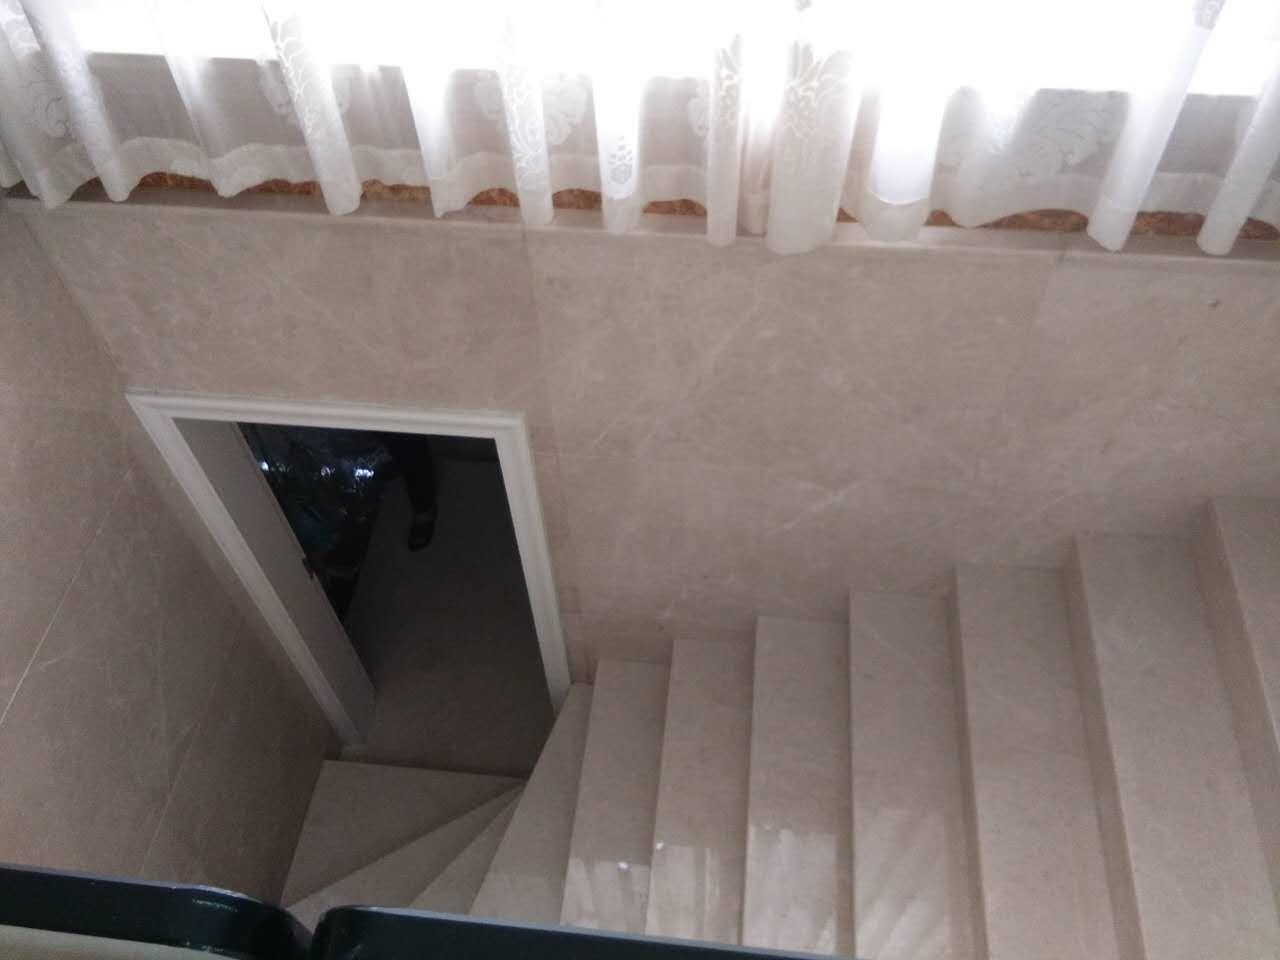 室内墙顶窜水怎么办-口碑好的防水补漏推荐